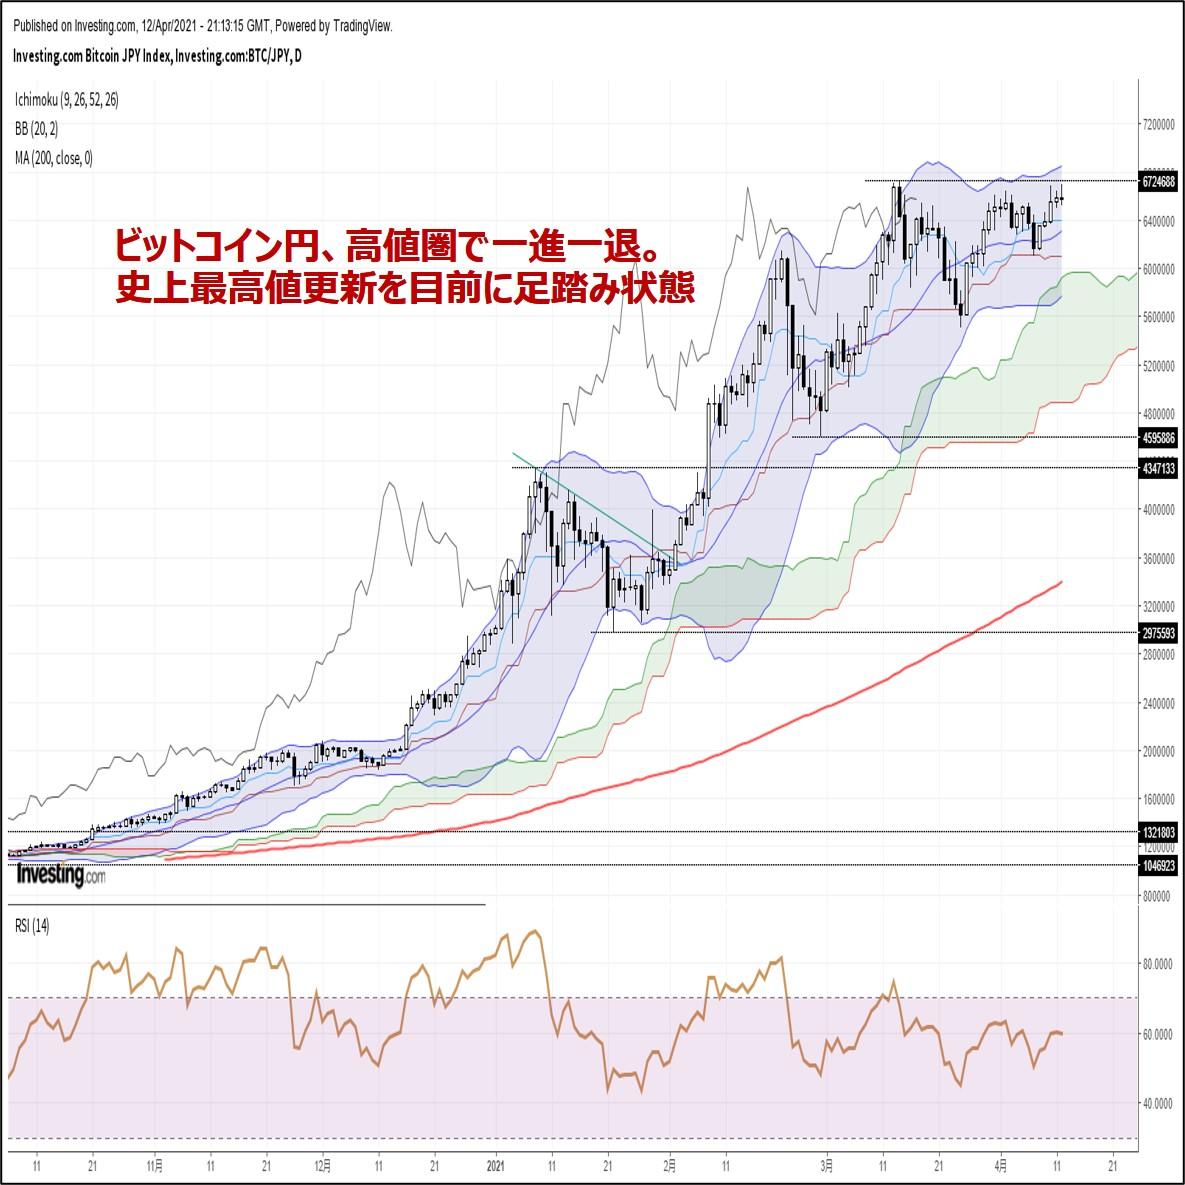 ビットコイン円、高値圏で一進一退。史上最高値更新を目前に足踏み状態(4/13朝)